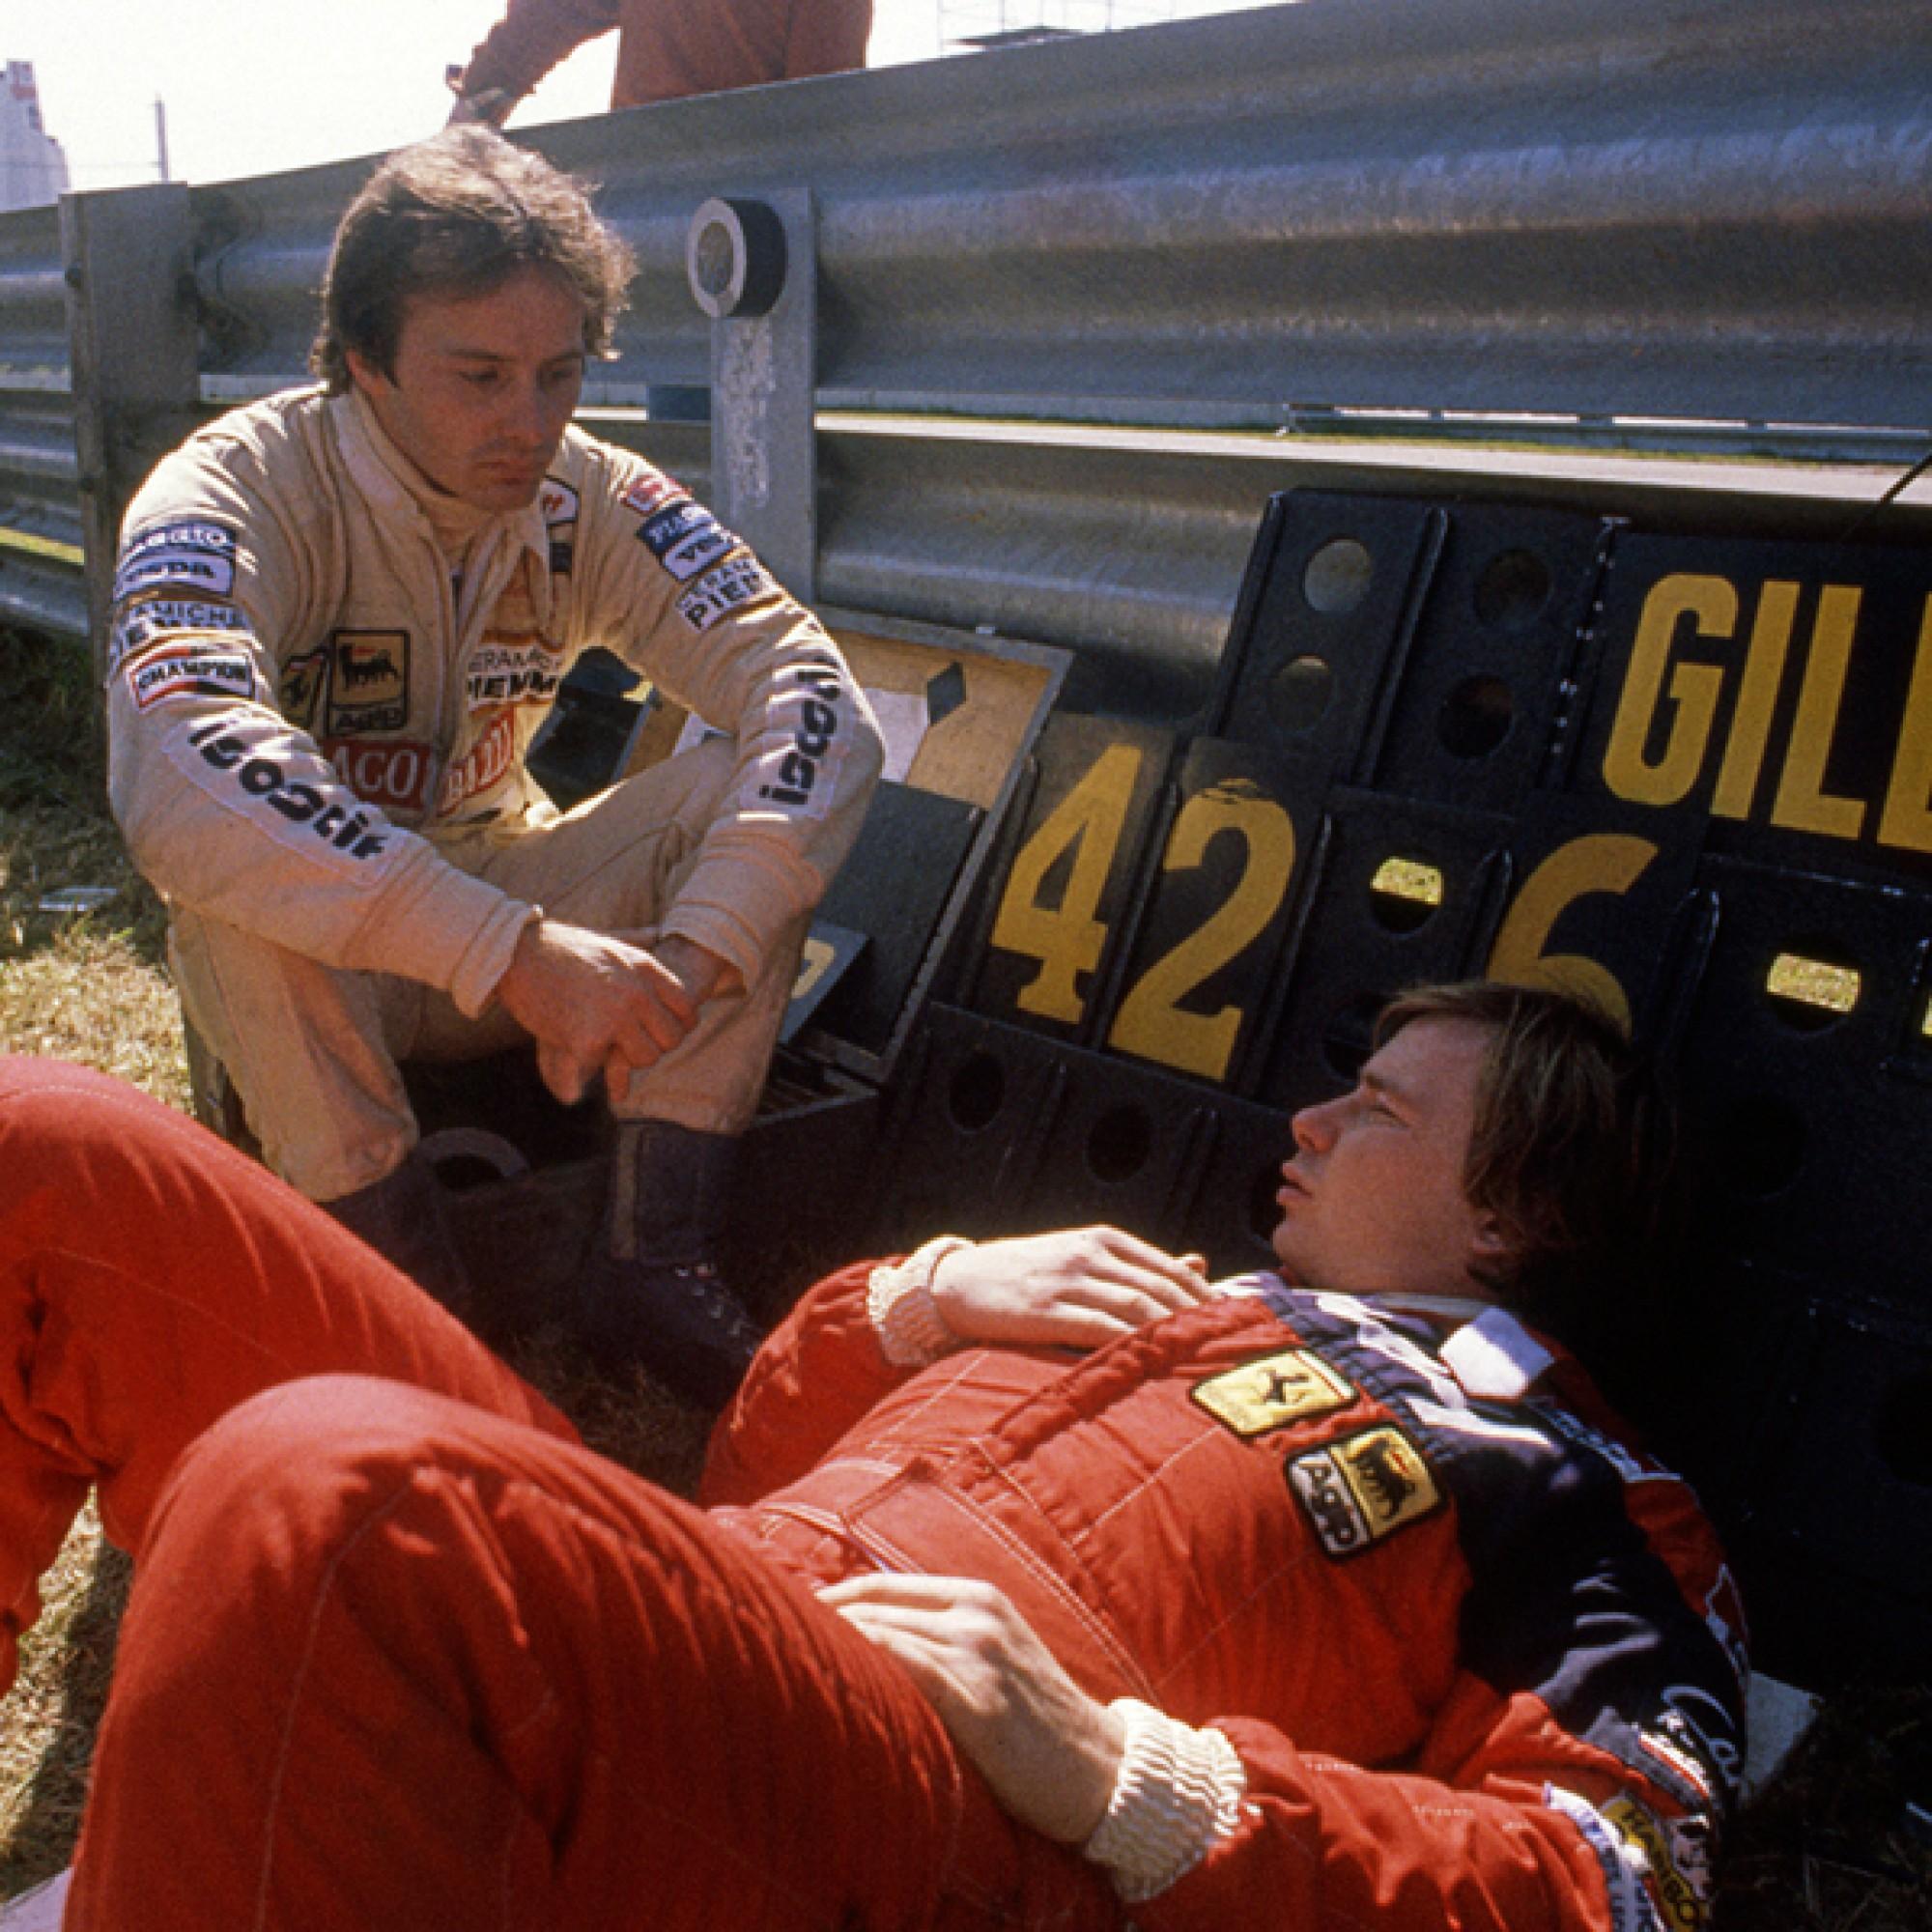 Die Ferrari-Teamkollegen Gilles Villeneuve und Didier Pironi im Gespräch am XX. Grand Prix du Canada in Montreal von 1981. Foto Denis Brodeur, CAN.  (motorsportfriends.ch, Museum im Bellpark)